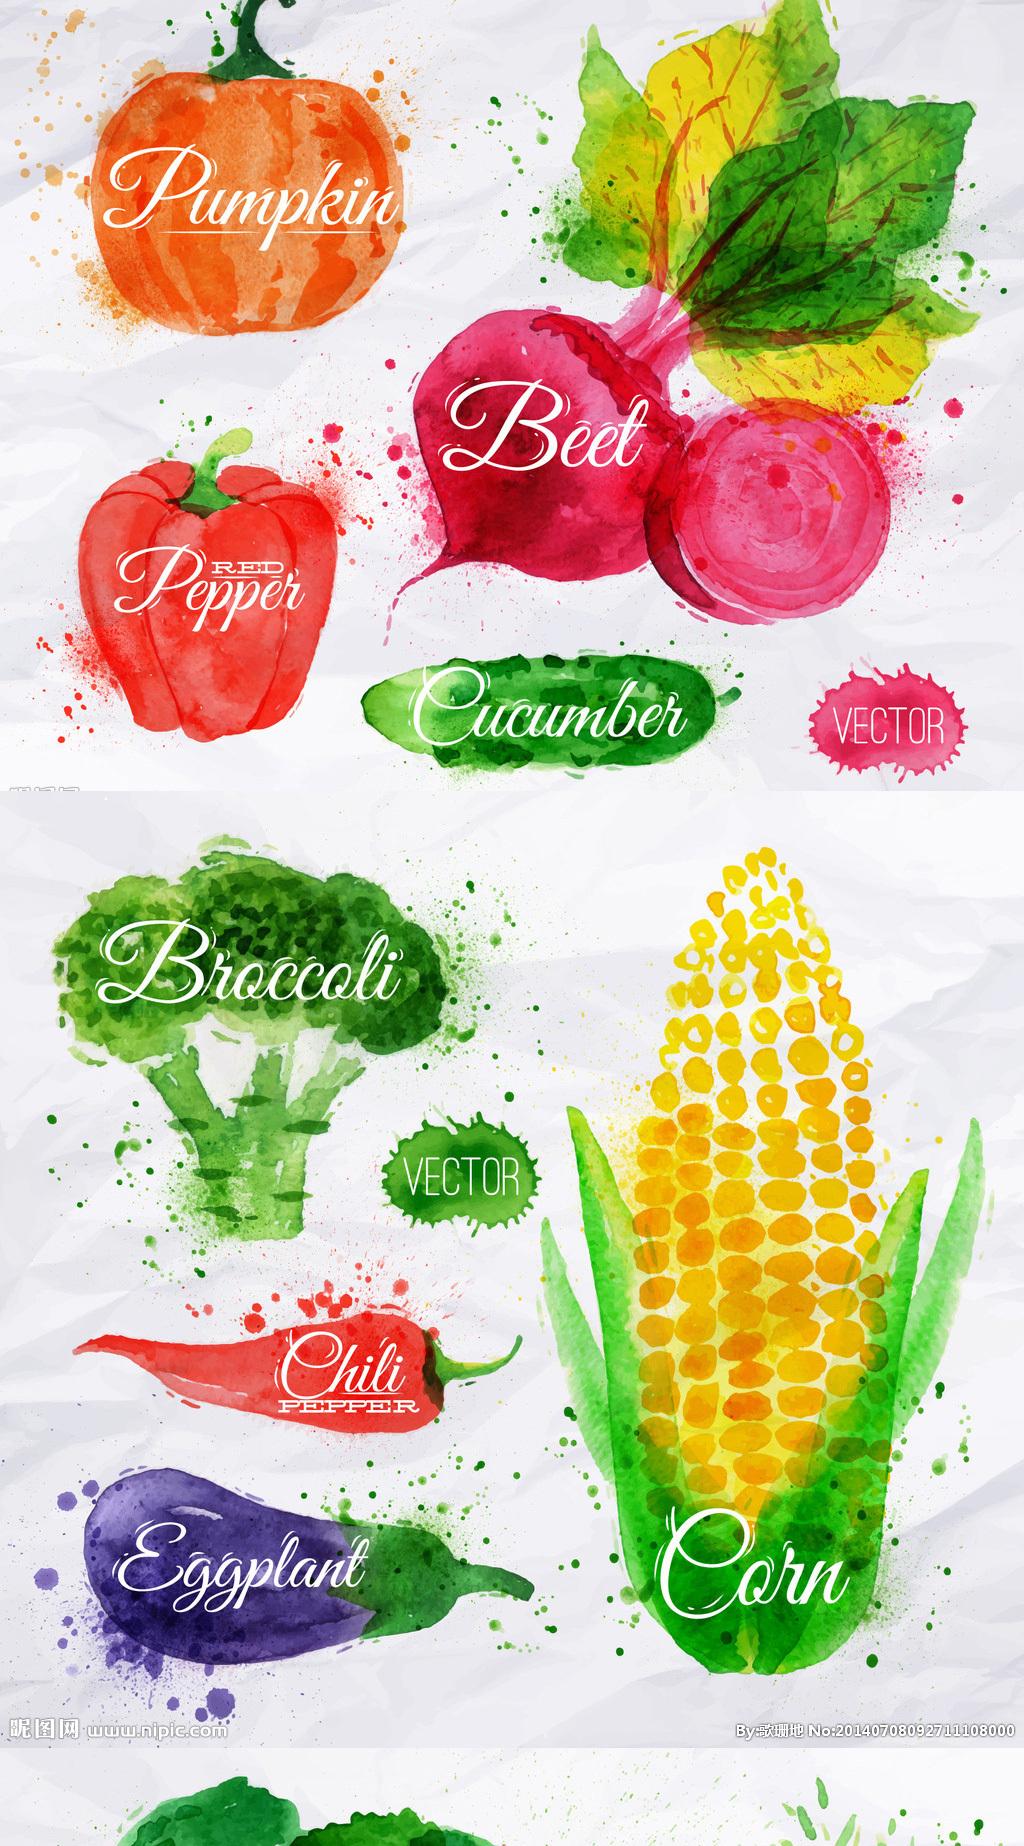 唯美手绘蔬菜水果图片集